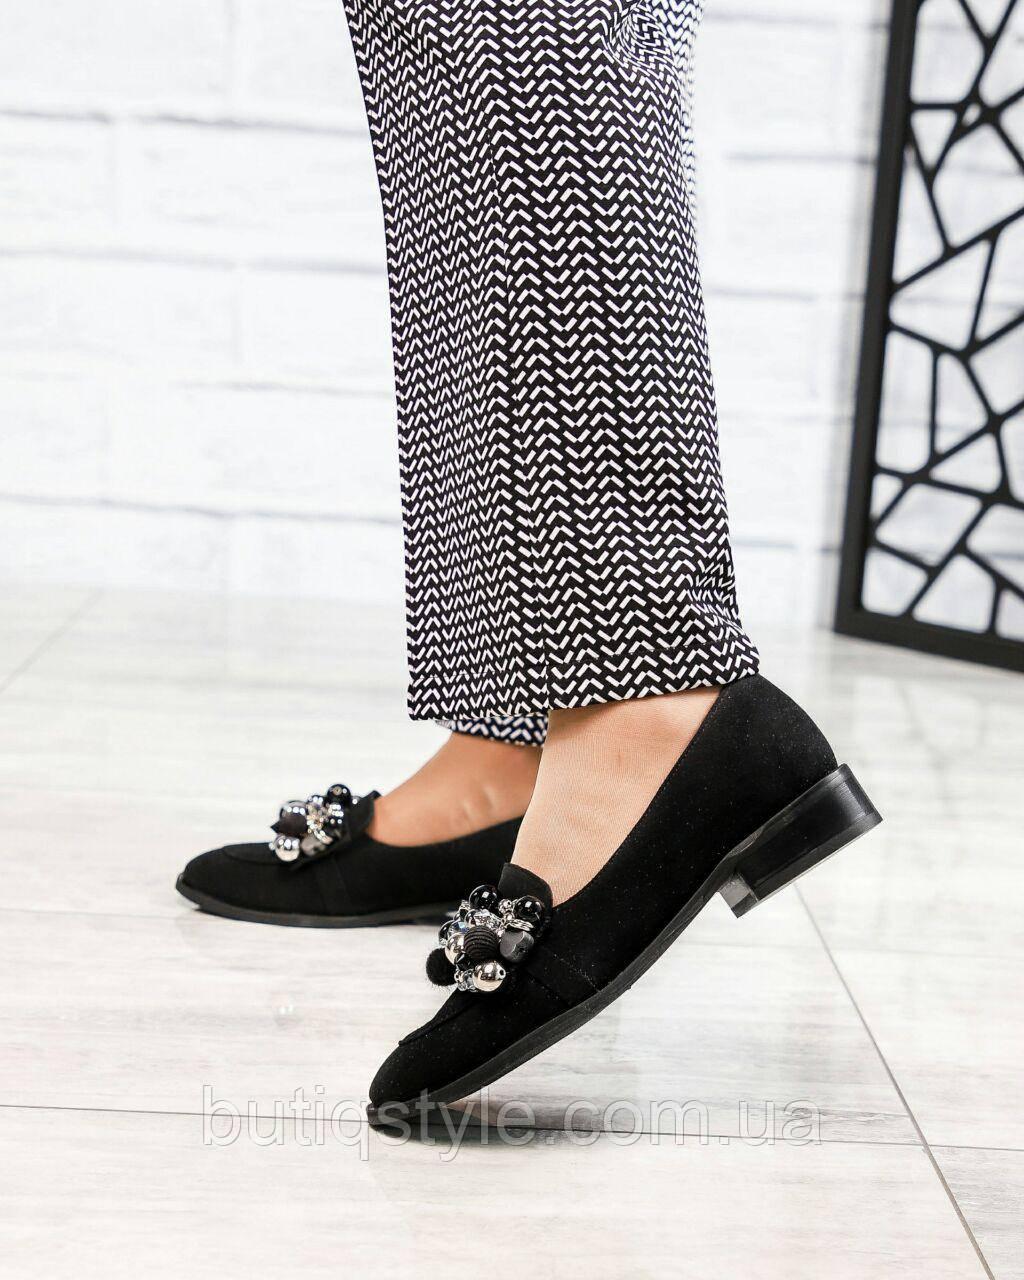 37 размер 24,3см Женские черные туфли лоферы с декором натуральный замш